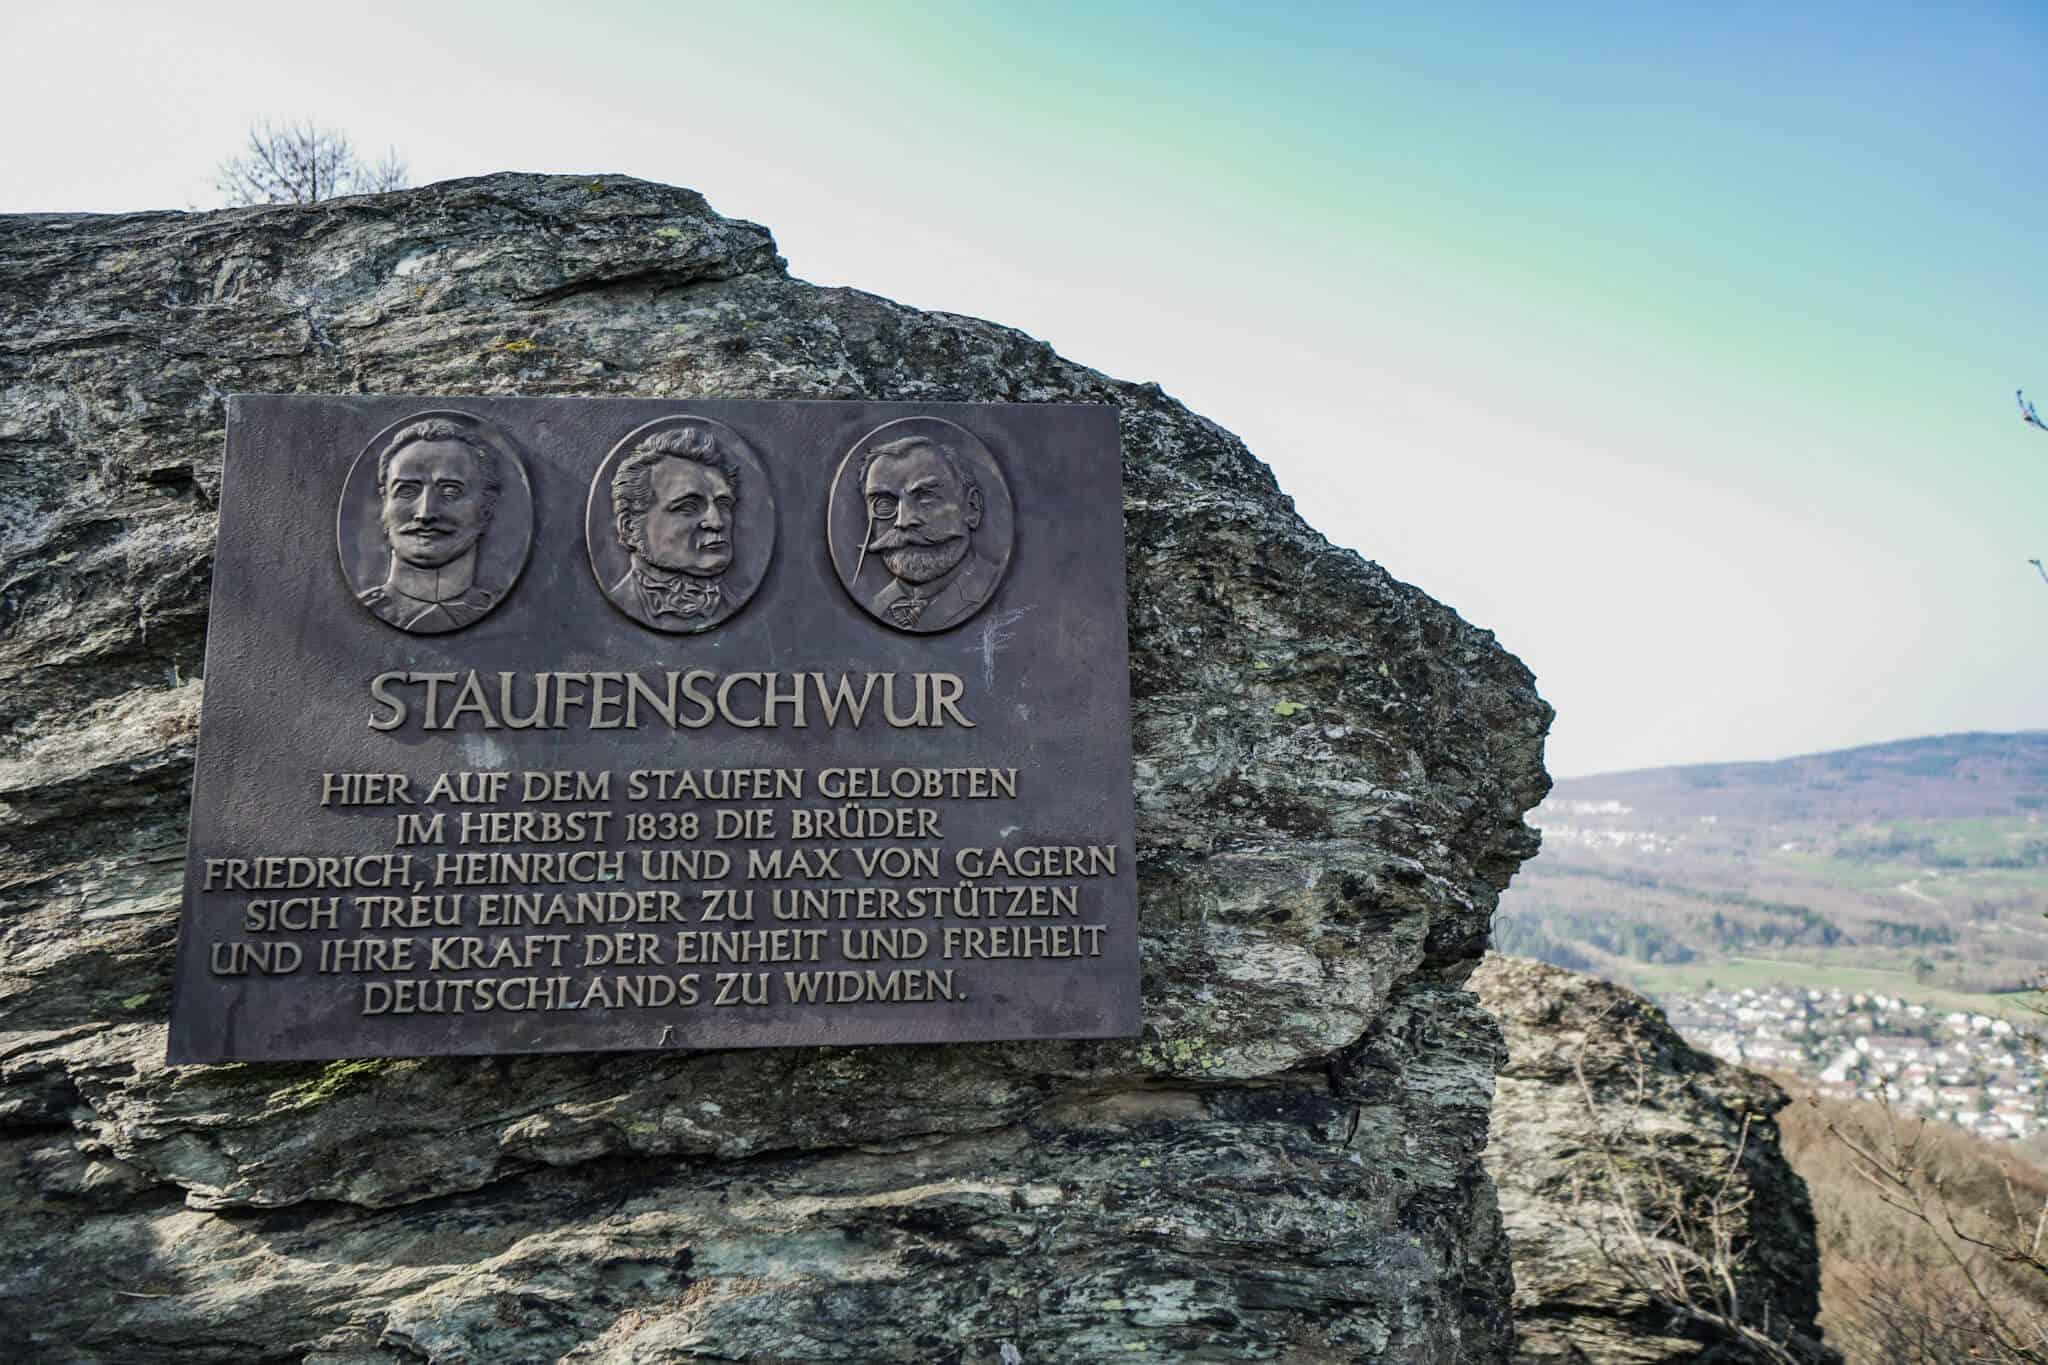 Großer Mannstein – Staufenschwur